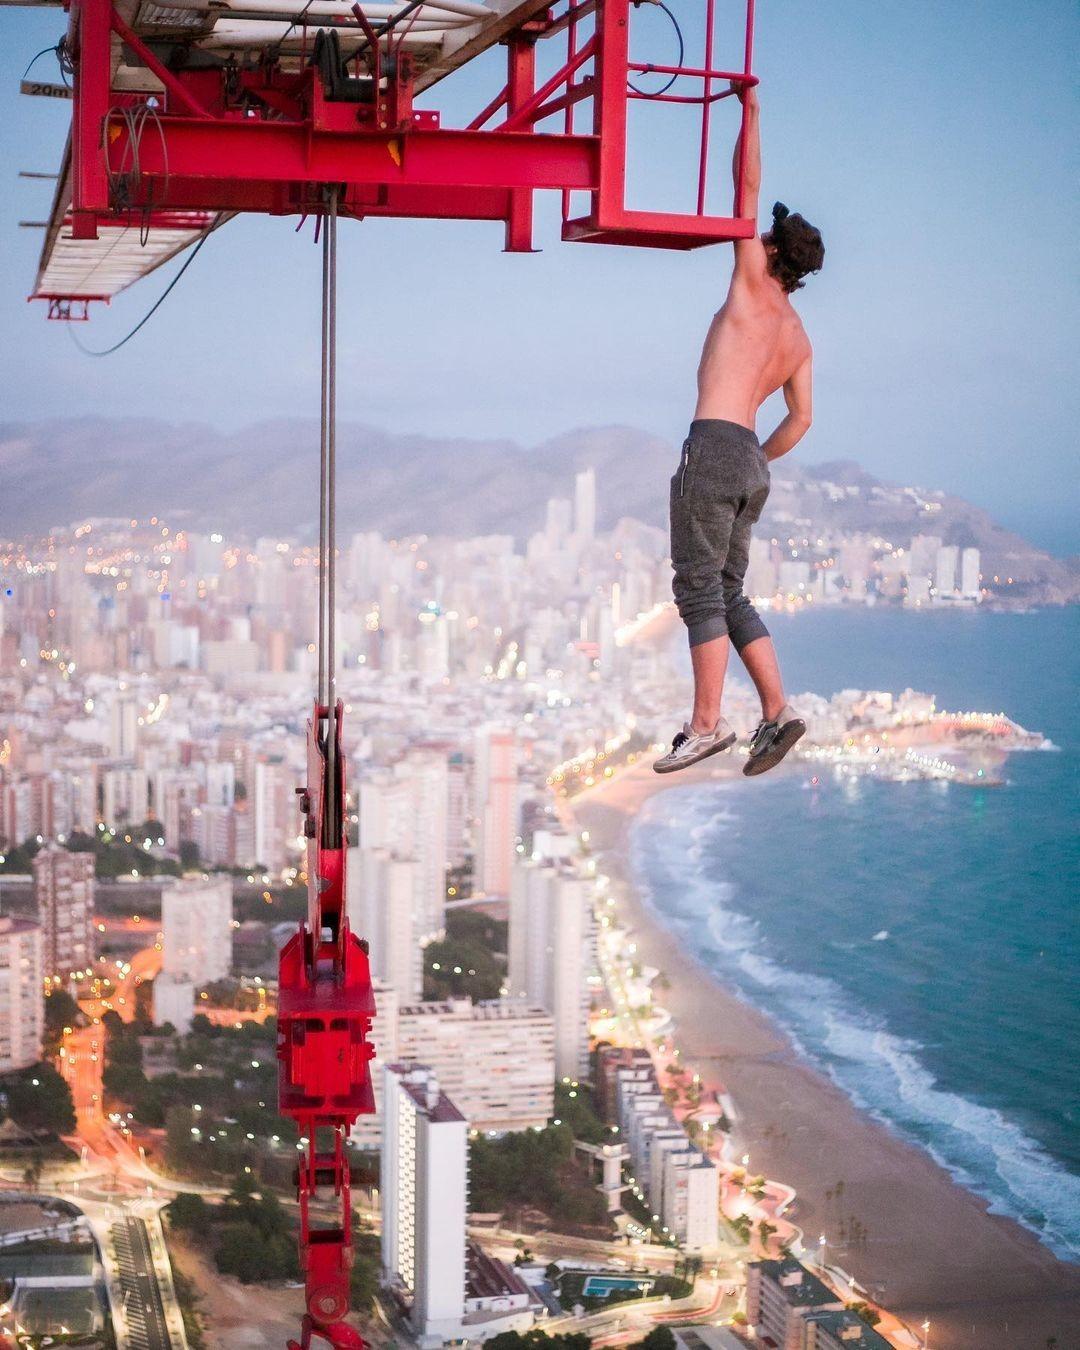 208883-مراهق-يتسلق-عاريا-رافعة-بناء-على-ارتفاع-أكثر-من-182-متر-بإسبانيا-(4).jpg